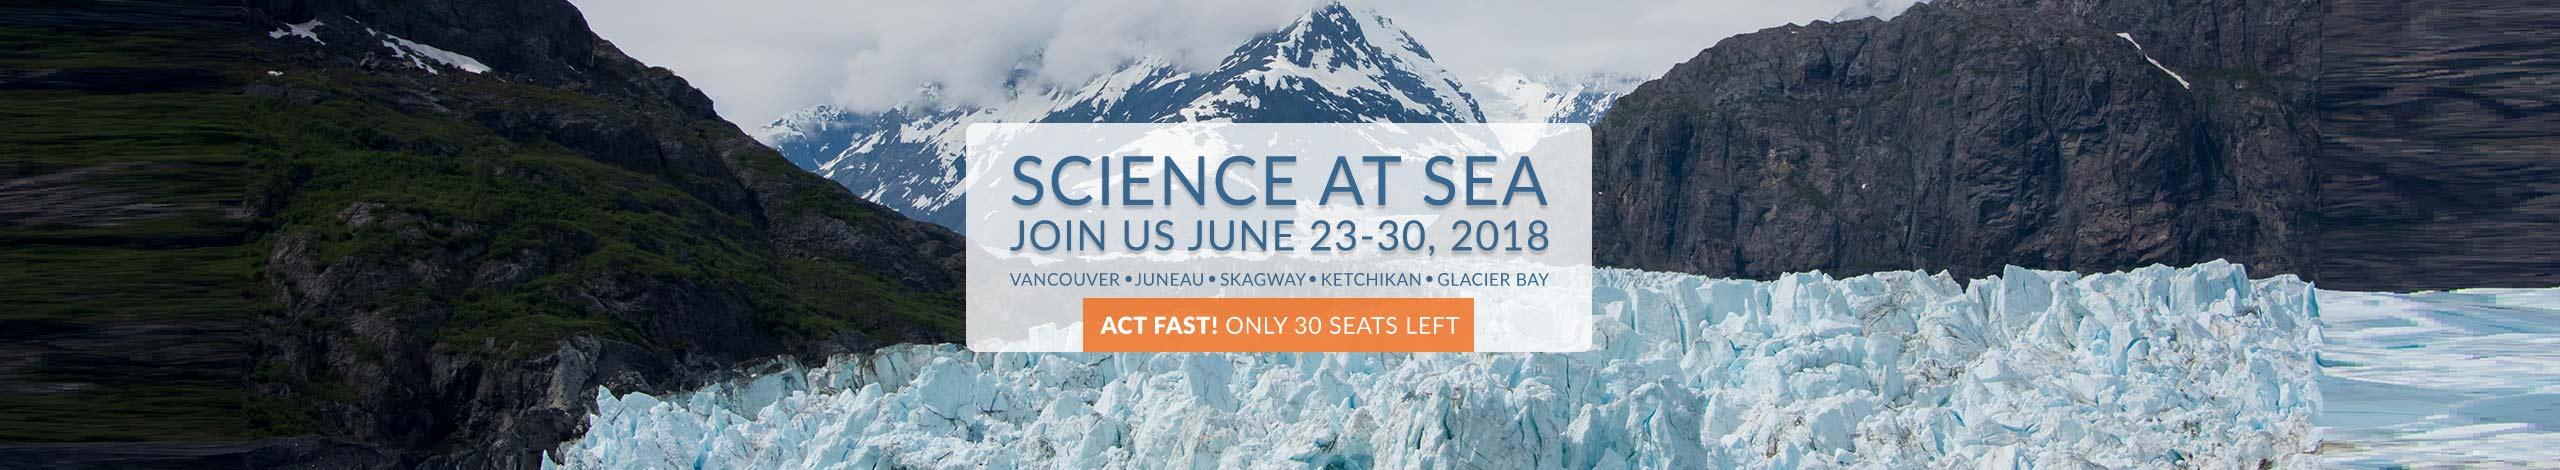 Join Steve Spangler for Science at Sea Alaska 2018